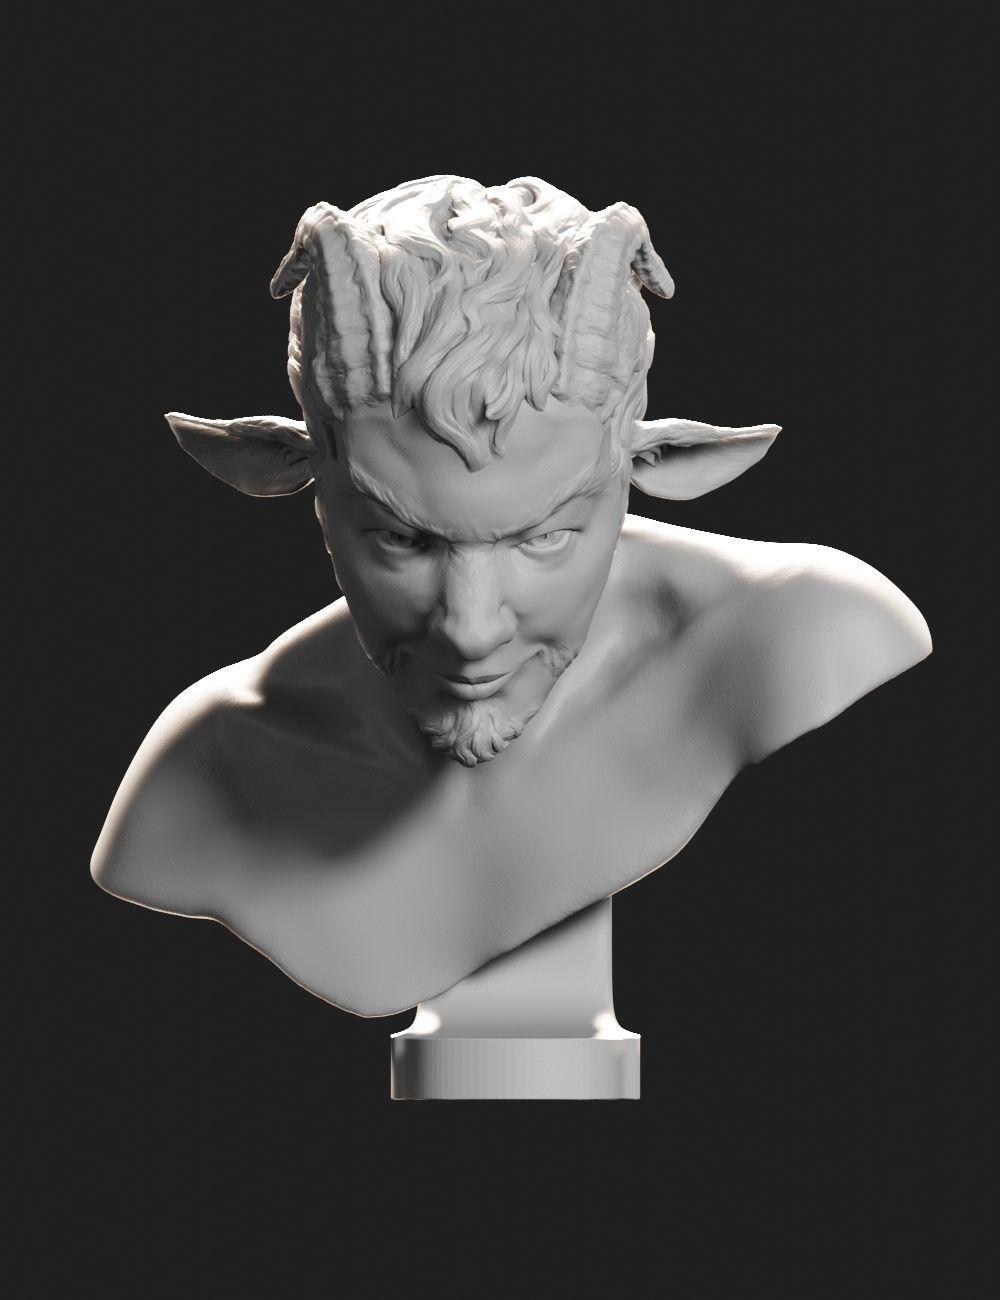 Faun bust sculpture